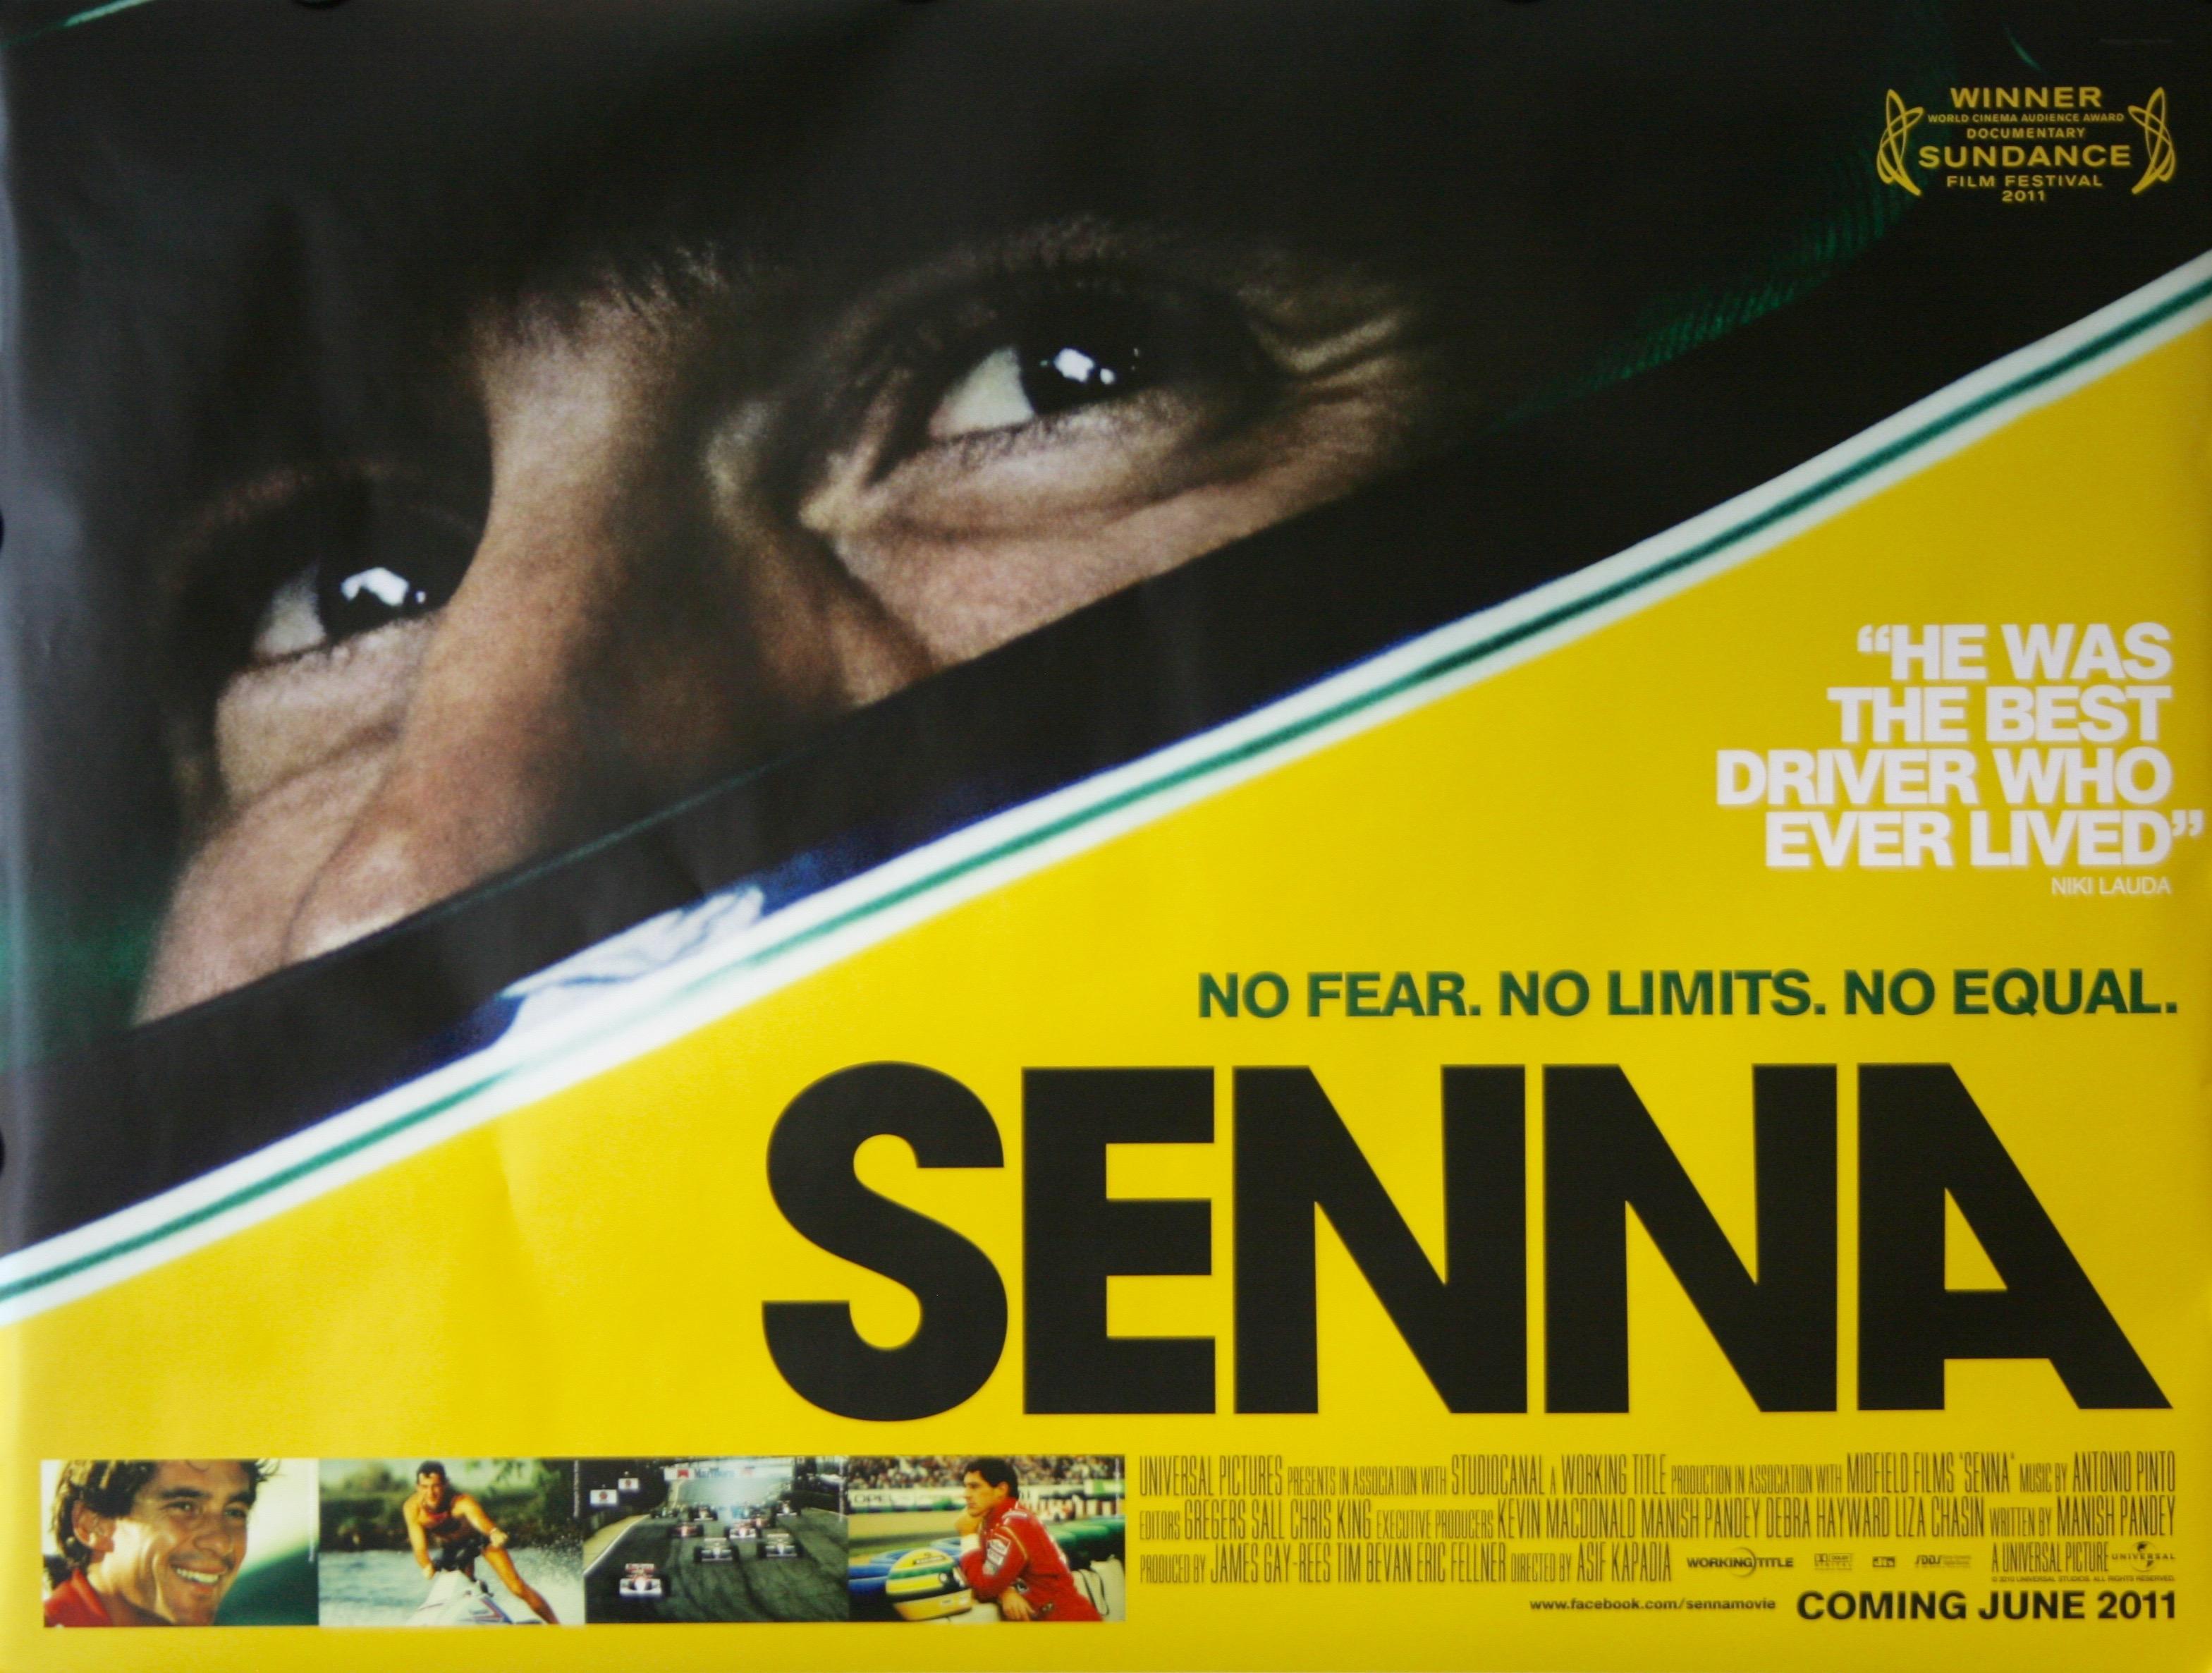 Filmes sobre liderança: documentário Senna é uma ótima opção